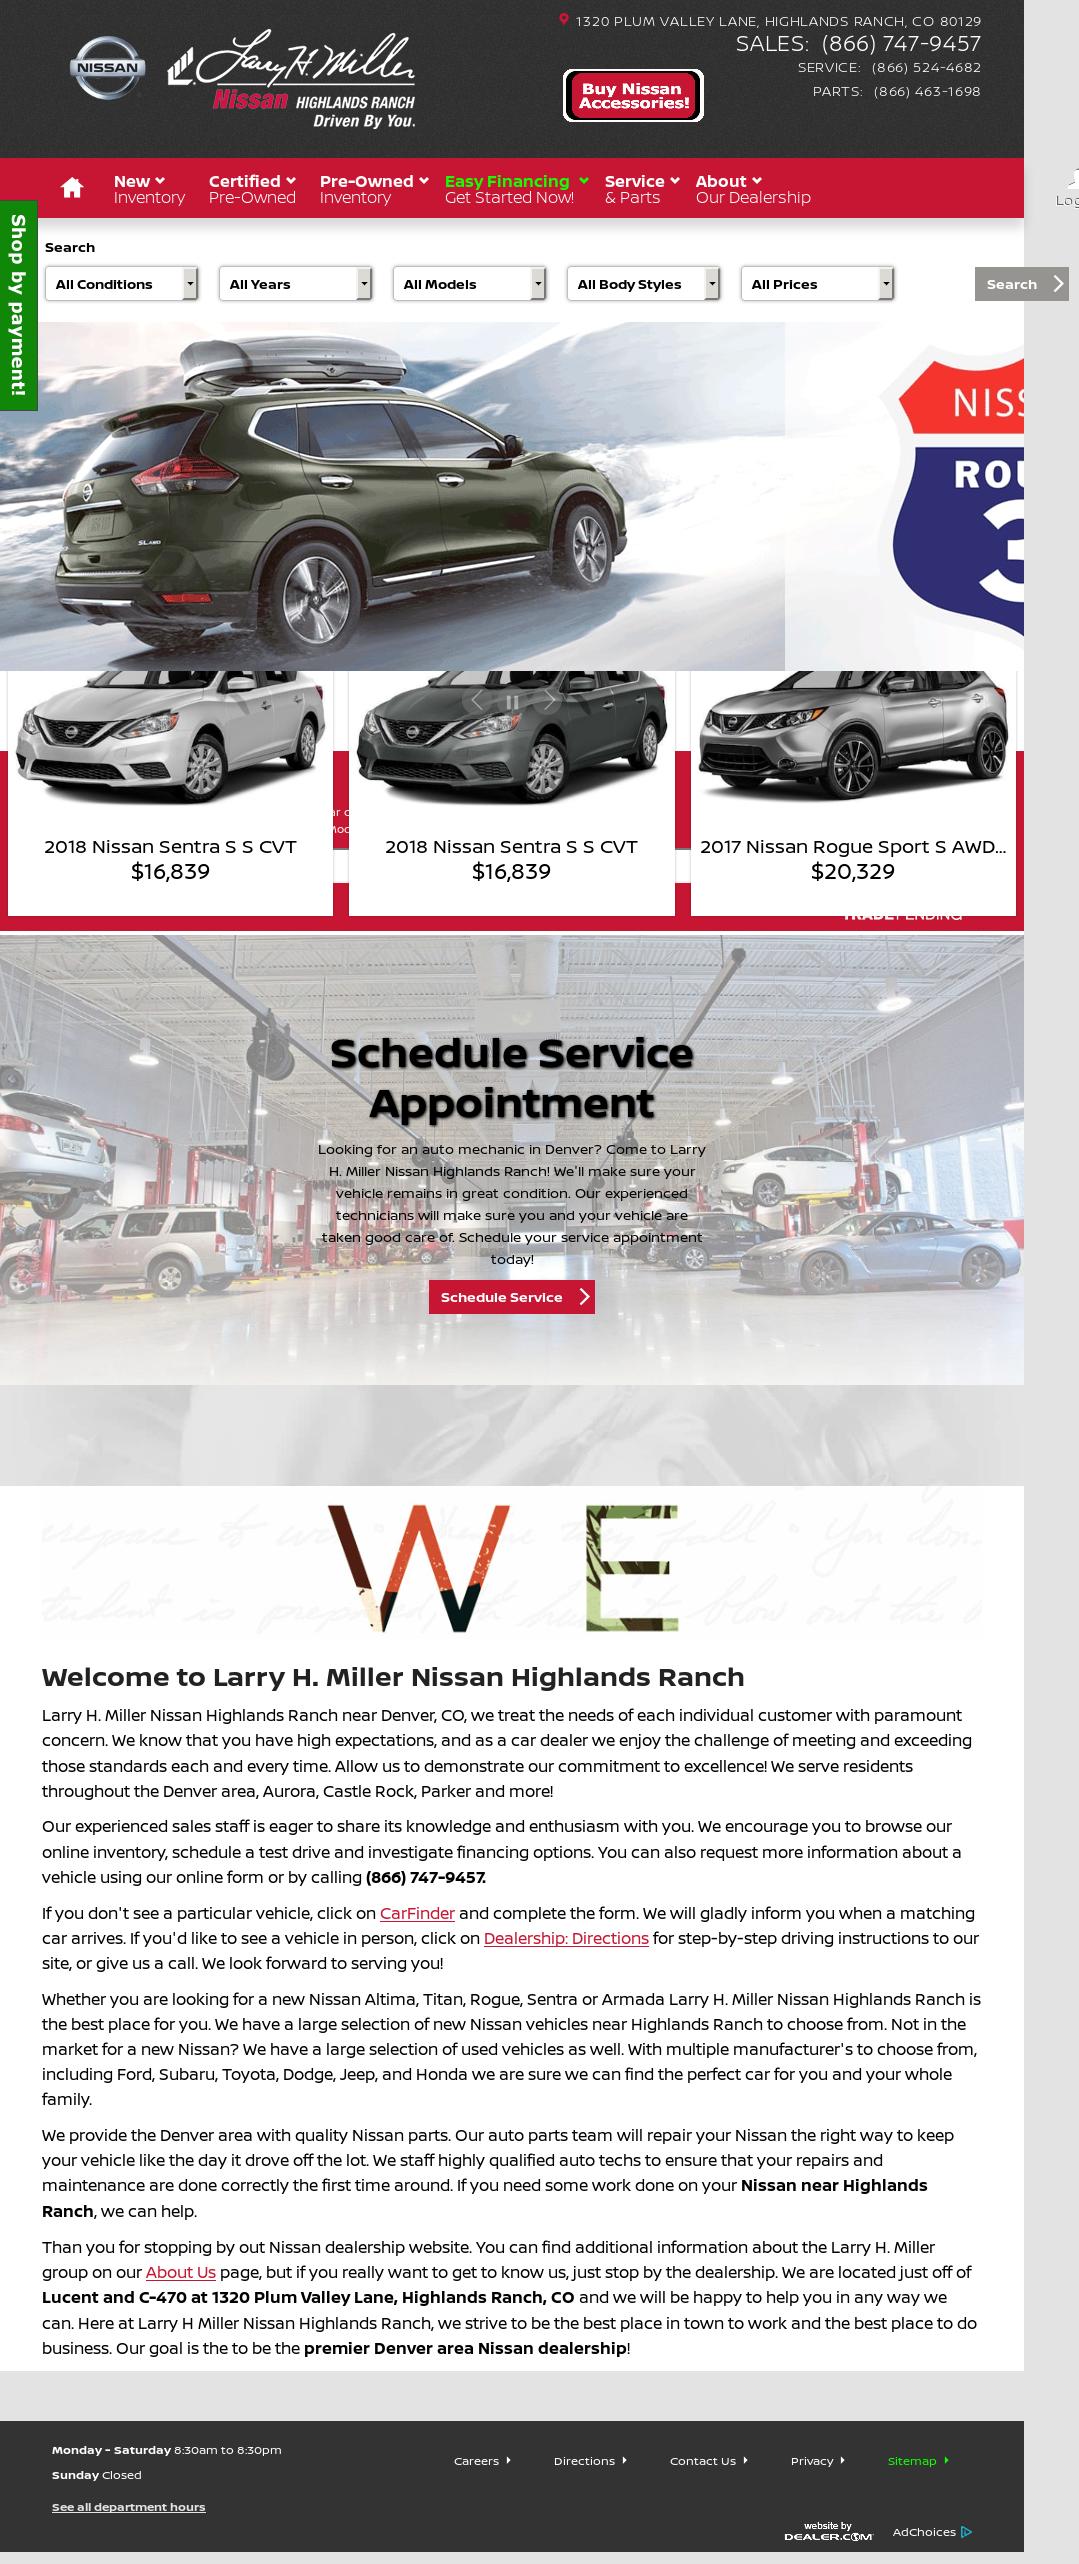 Larry H. Miller Nissan Highlands Ranch Website History